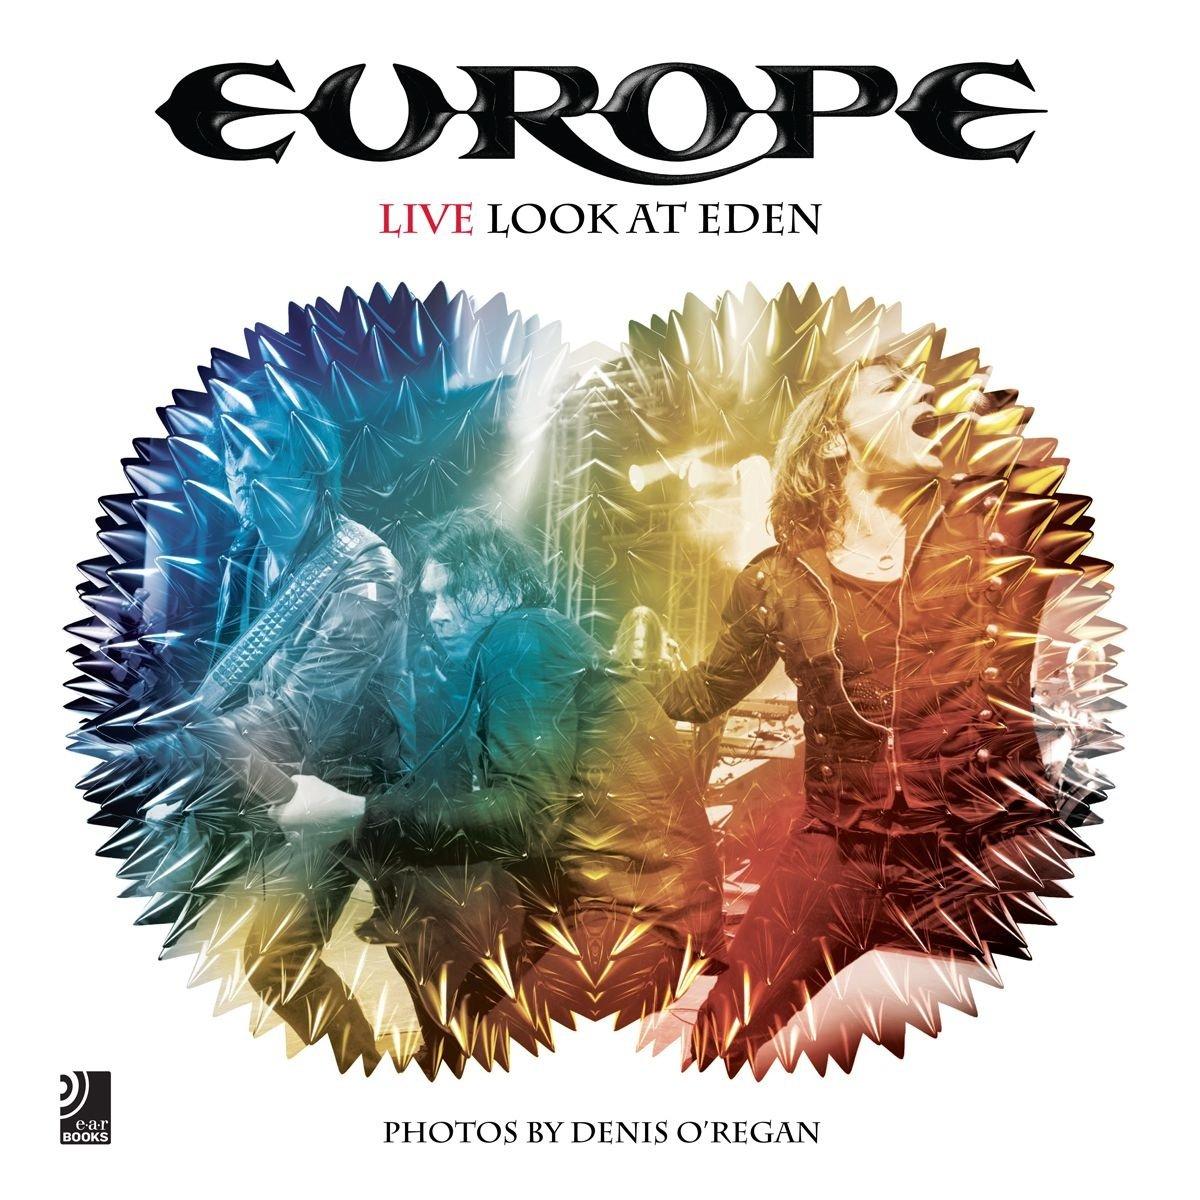 EUROPE - Live: Look At Eden (earBOOK)